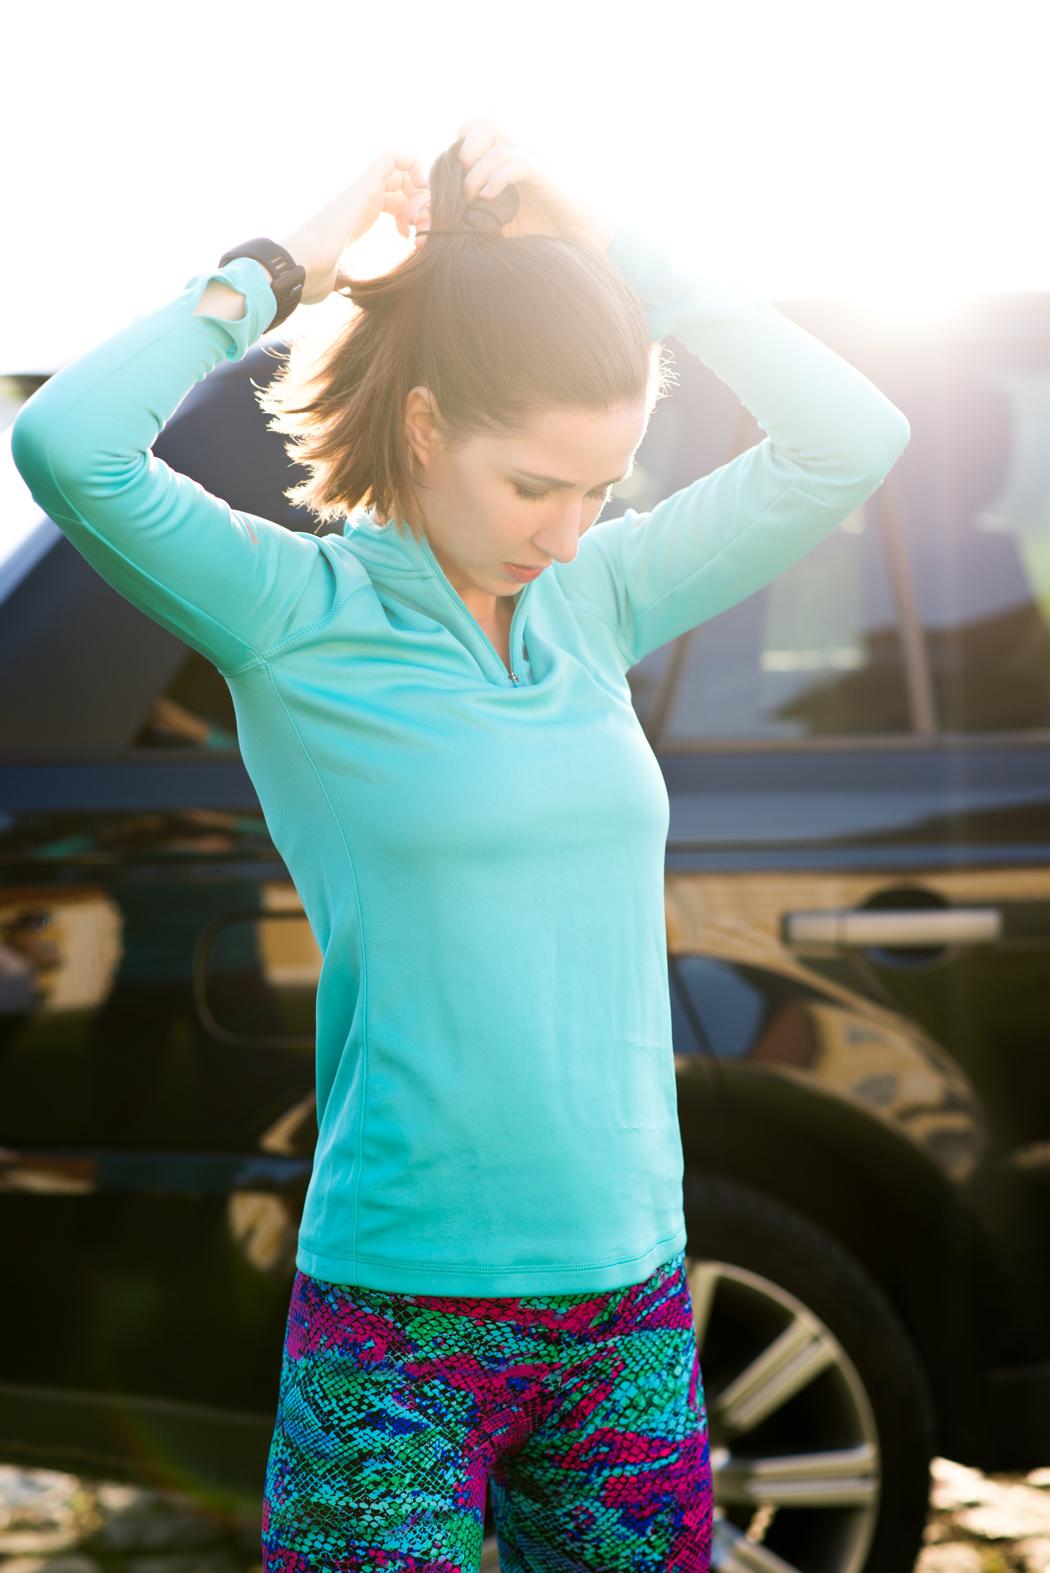 Onzie-Workoutgear-Snakeprint-Adidas-Boost-Fitnessblogger-1